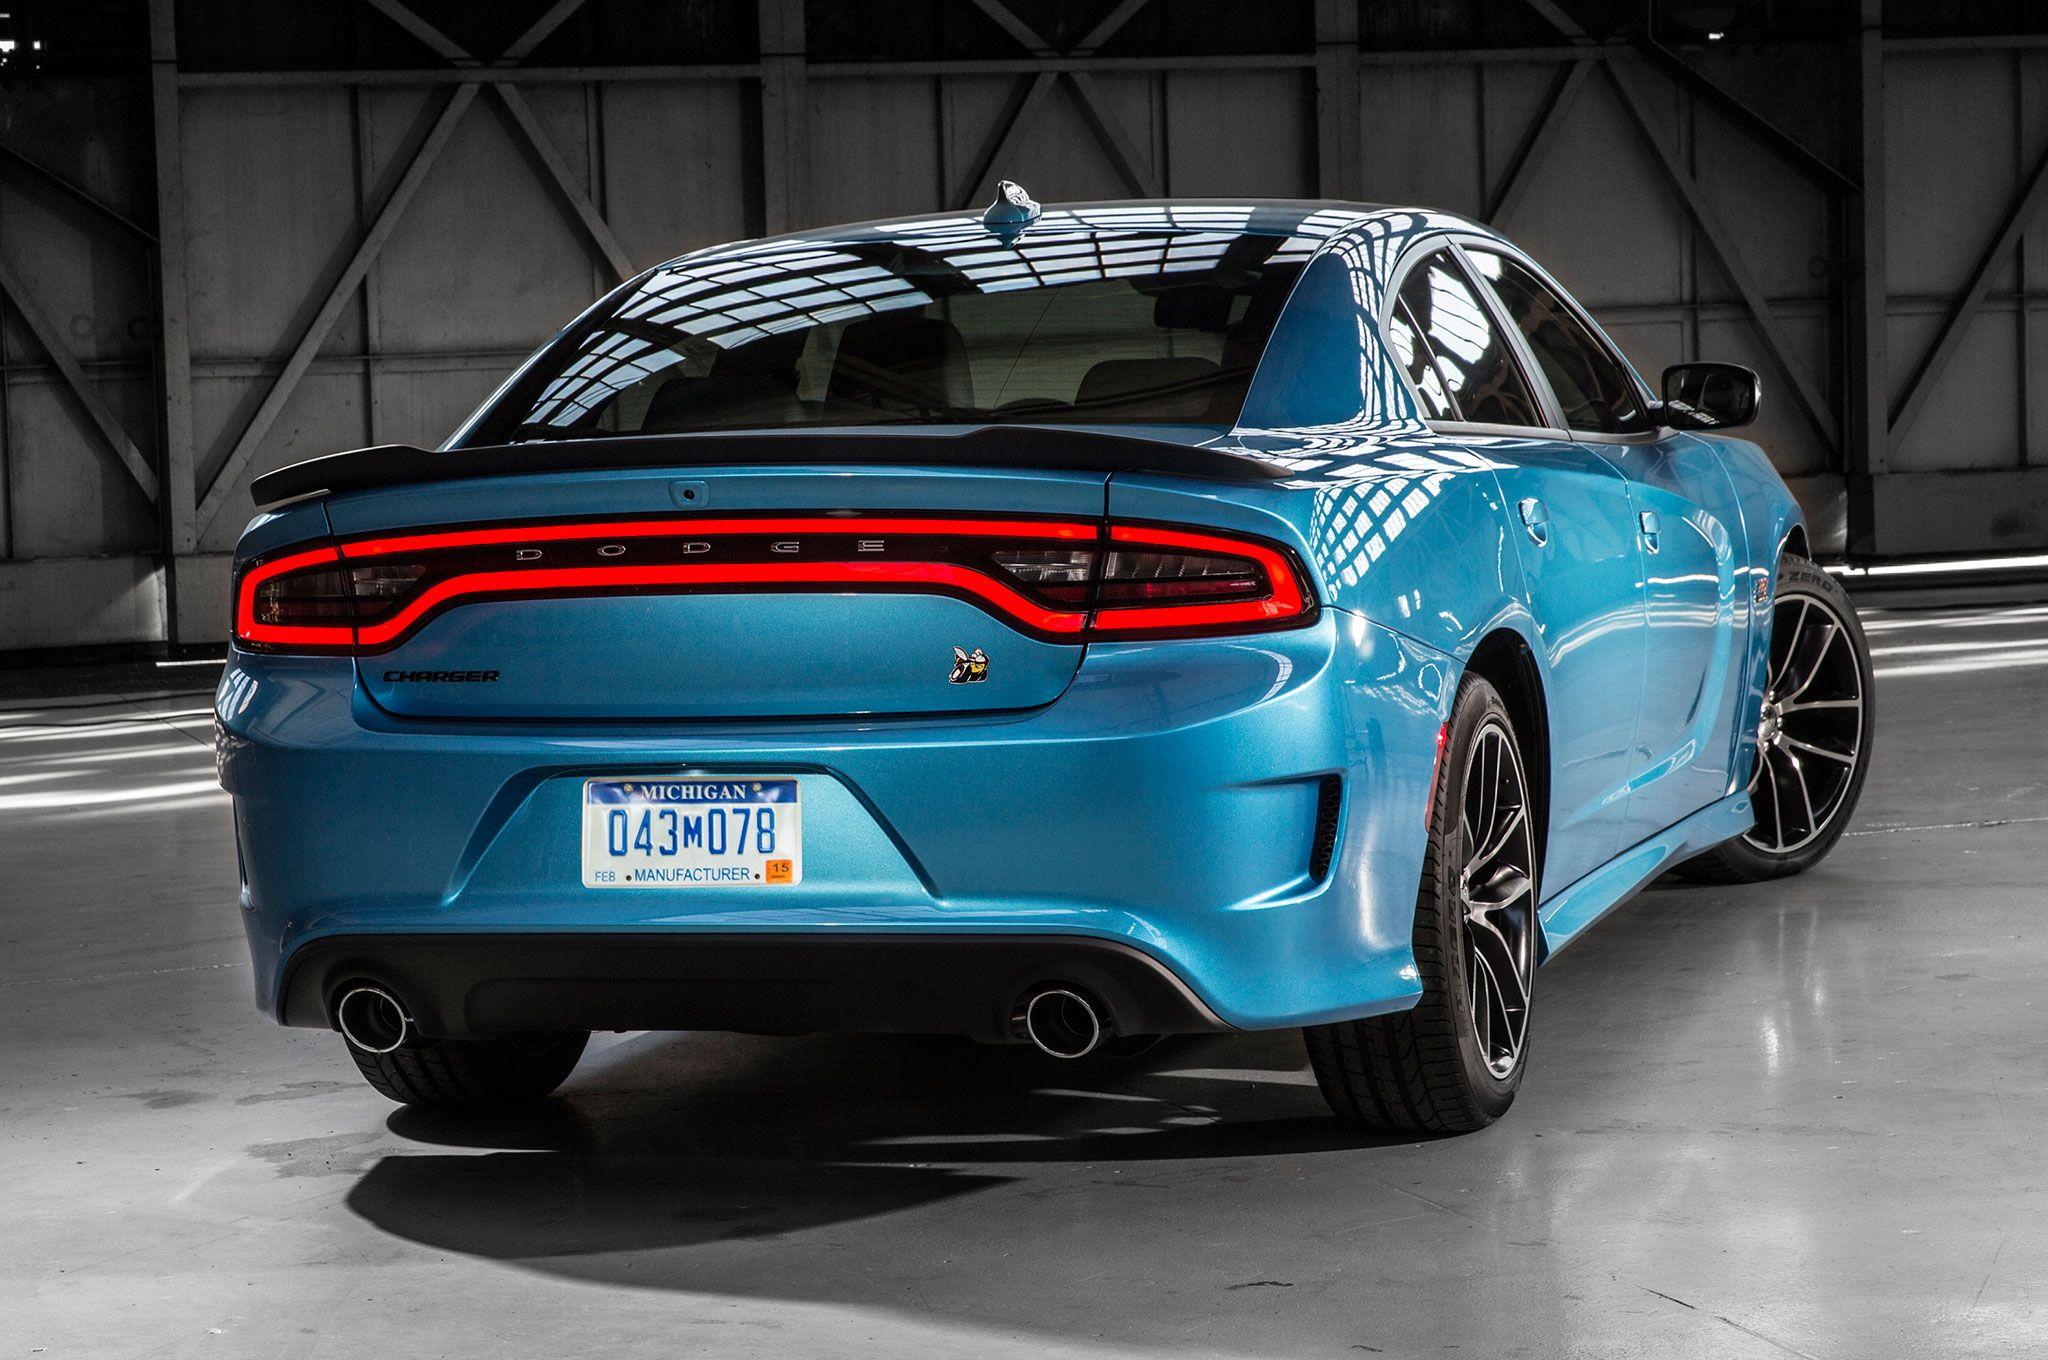 2015 Dodge Charger Scat Pack B5 Blue Dodge Charger Models 2015